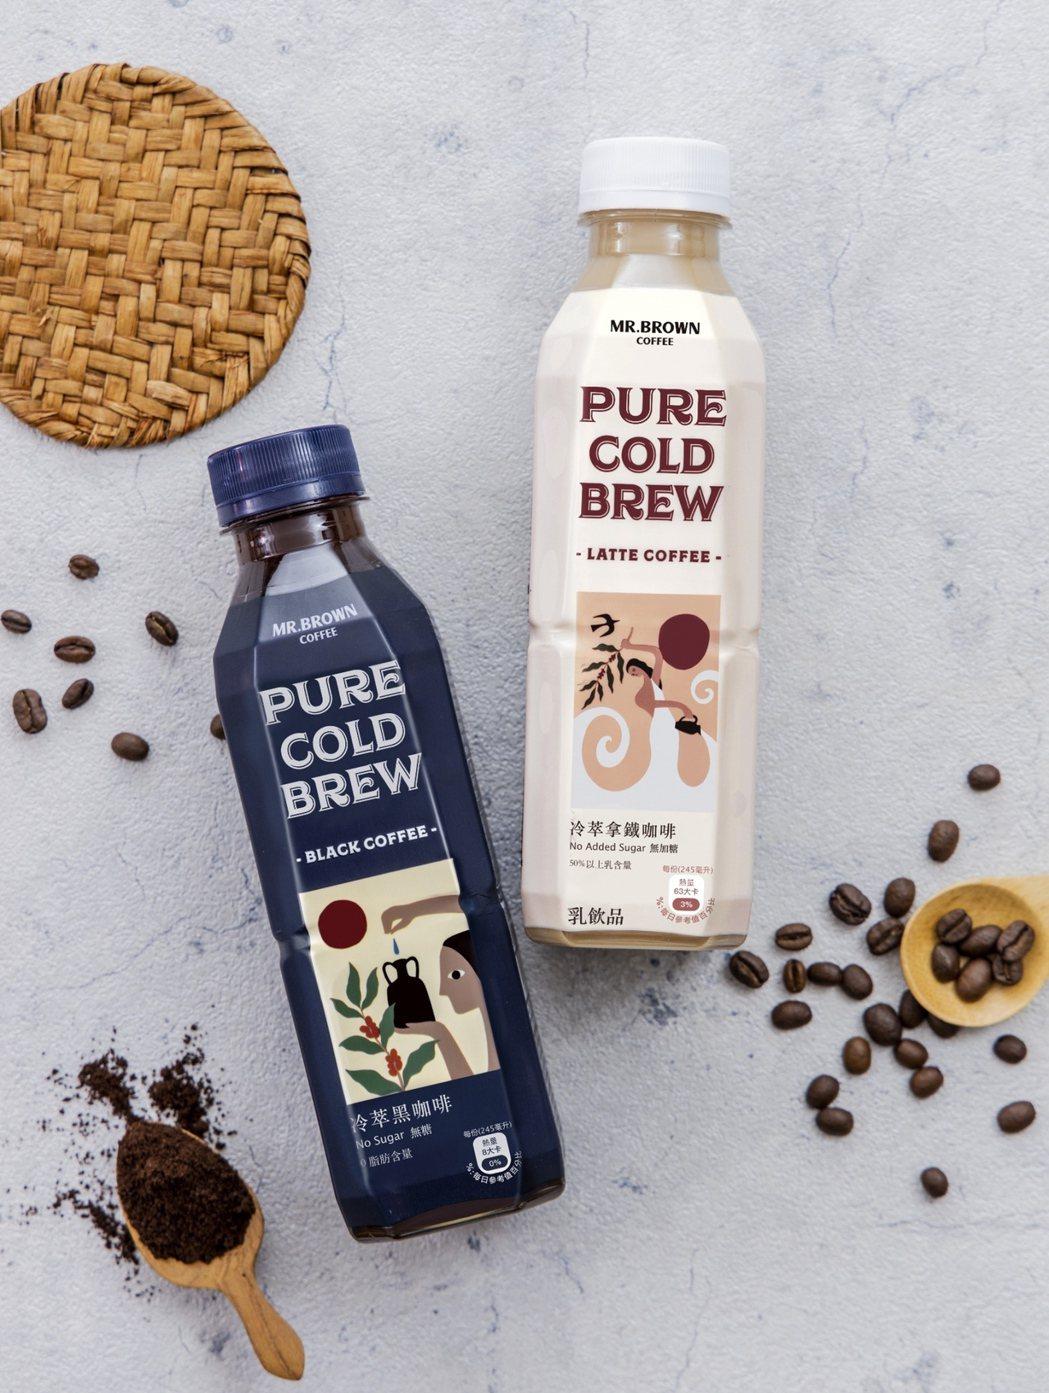 金車「伯朗PURE醇飲冷萃無加糖咖啡」選用寶特瓶型切入市場,一次滿足攜帶方便、隨...